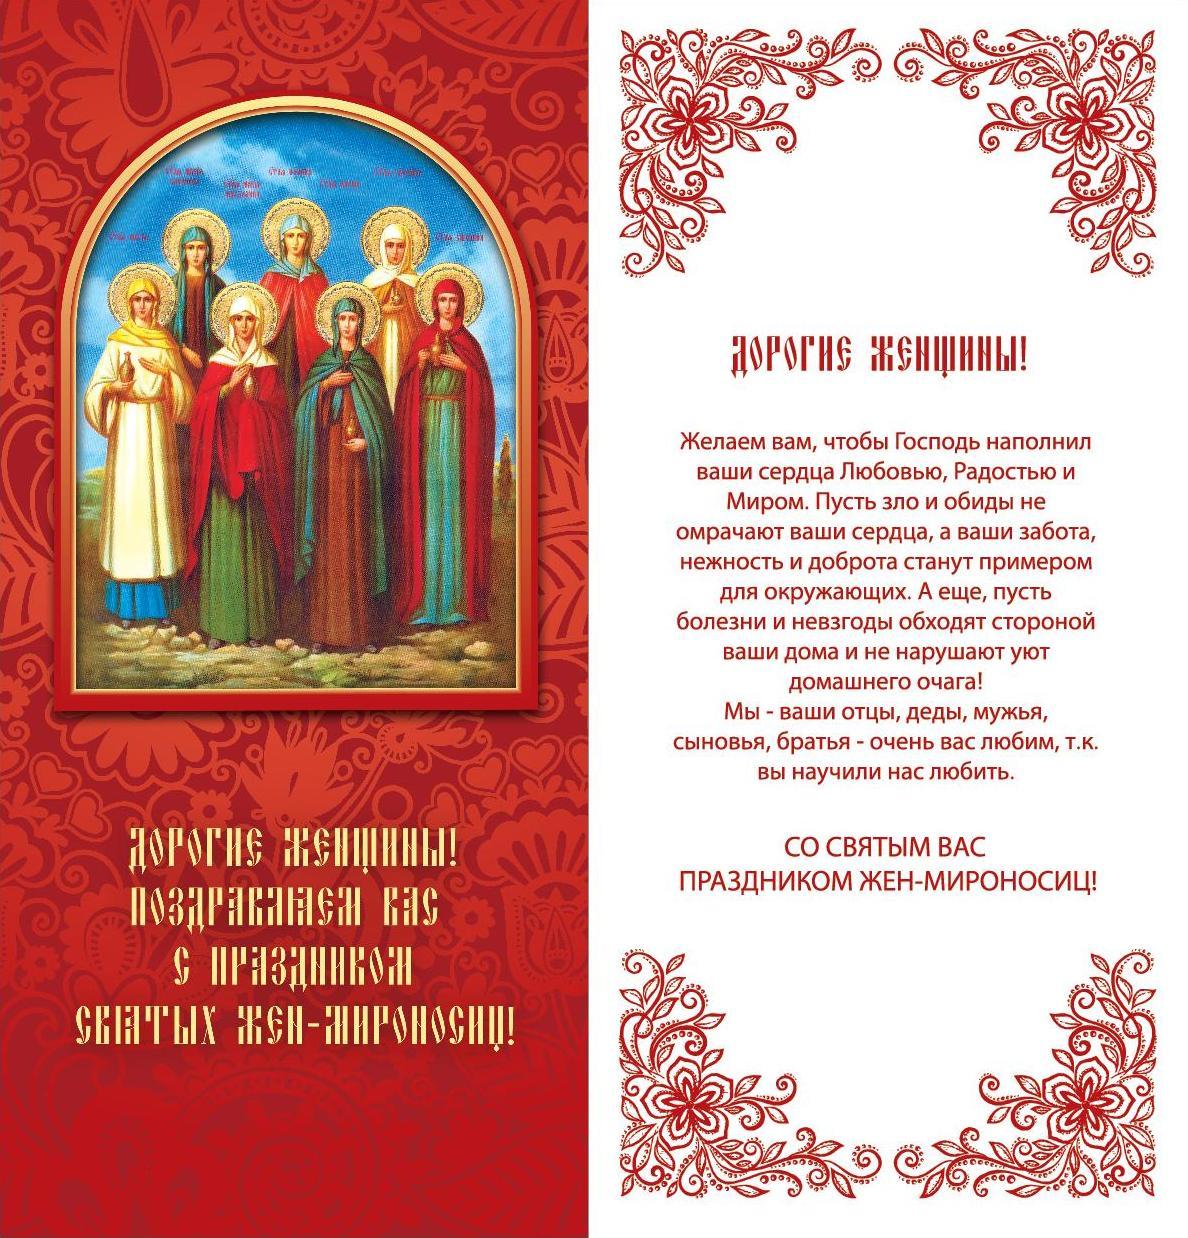 Поздравления татьяне - Петербург) 4